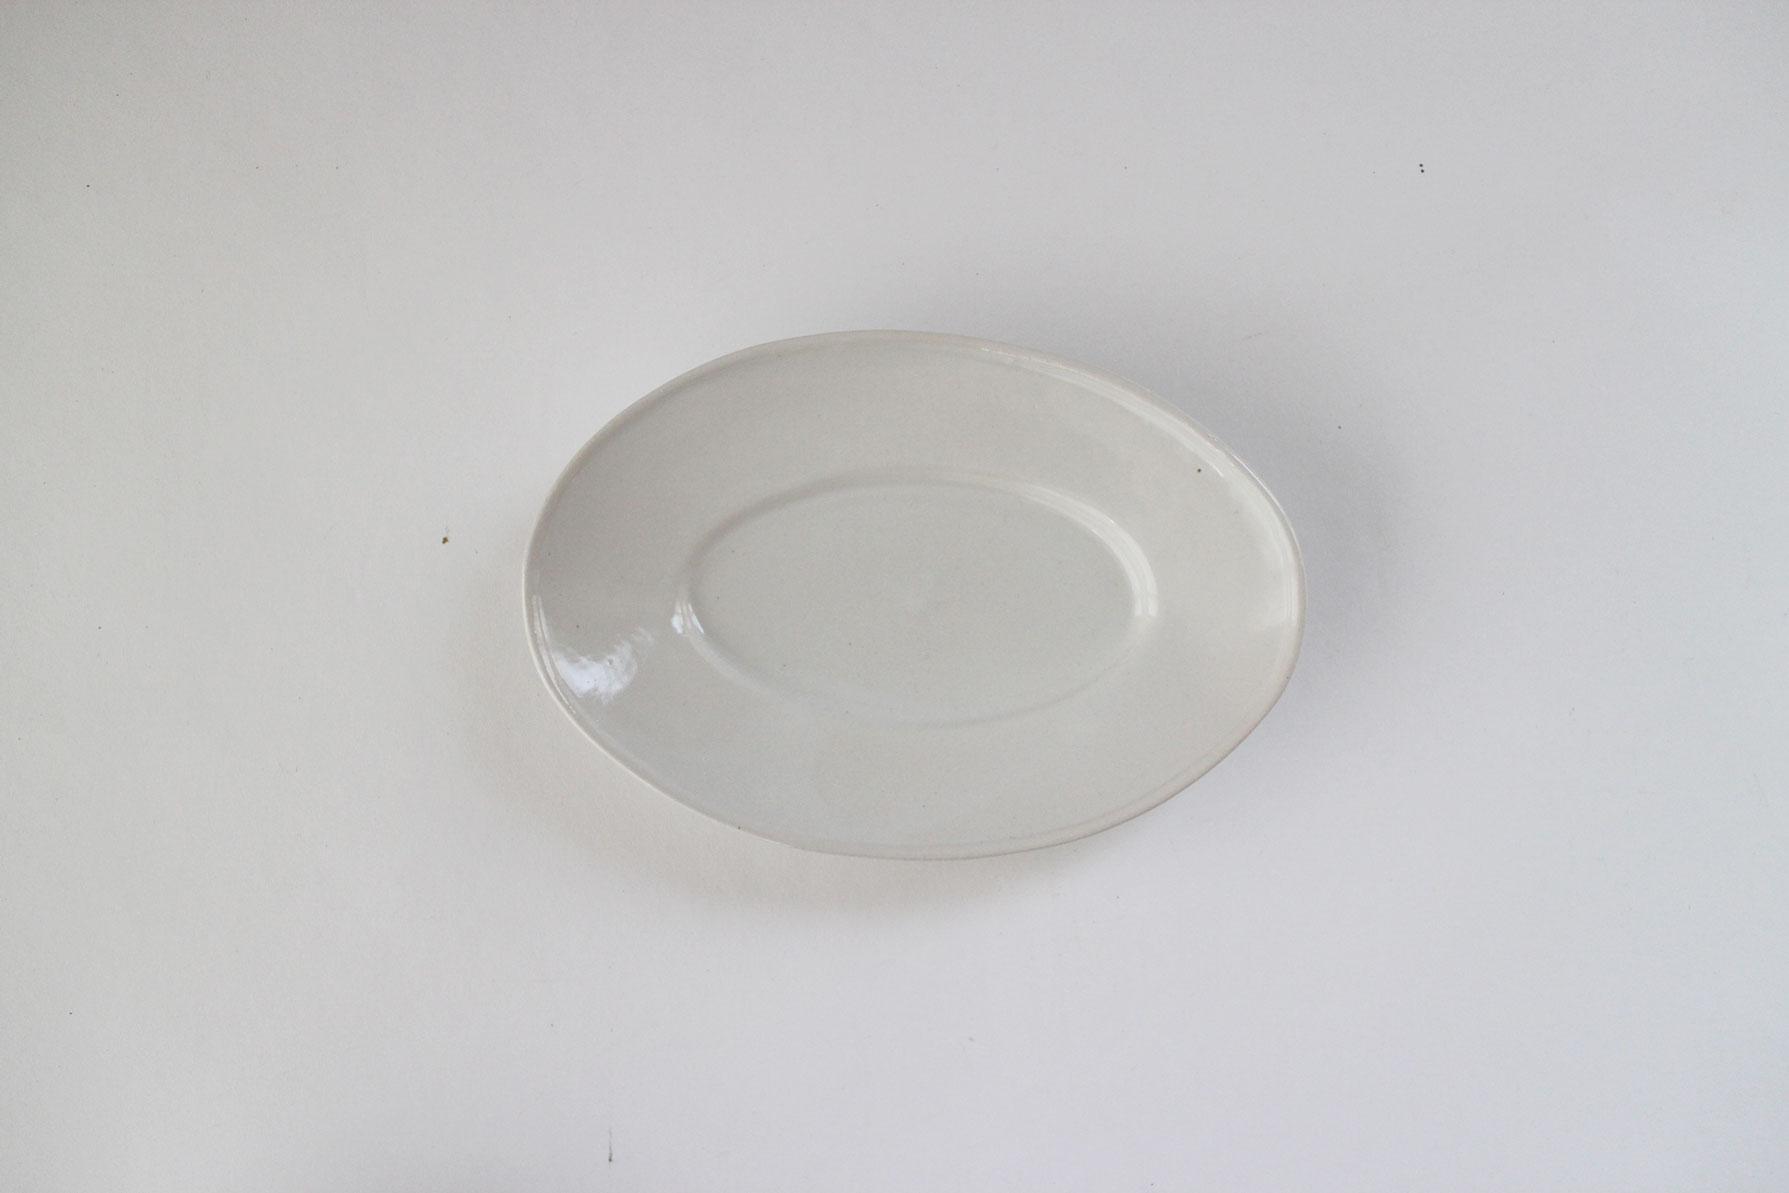 河合竜彦 青白 玉縁オーバルリム皿(S)